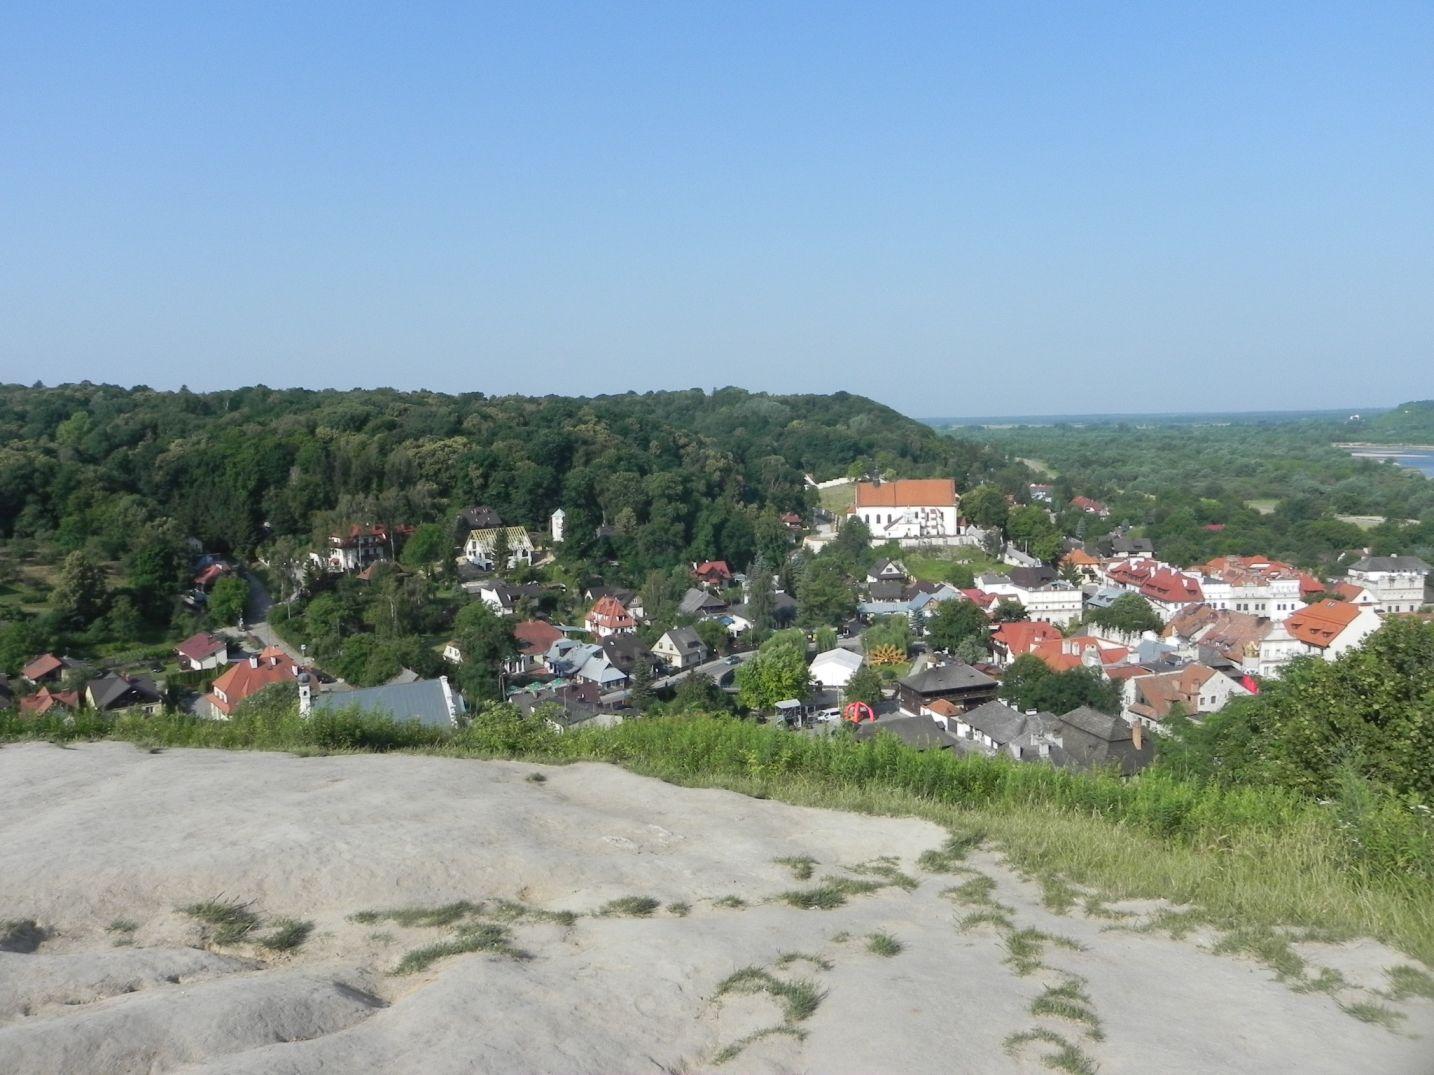 2016-06-26 Kazimierz Dolny - festiwal (42)